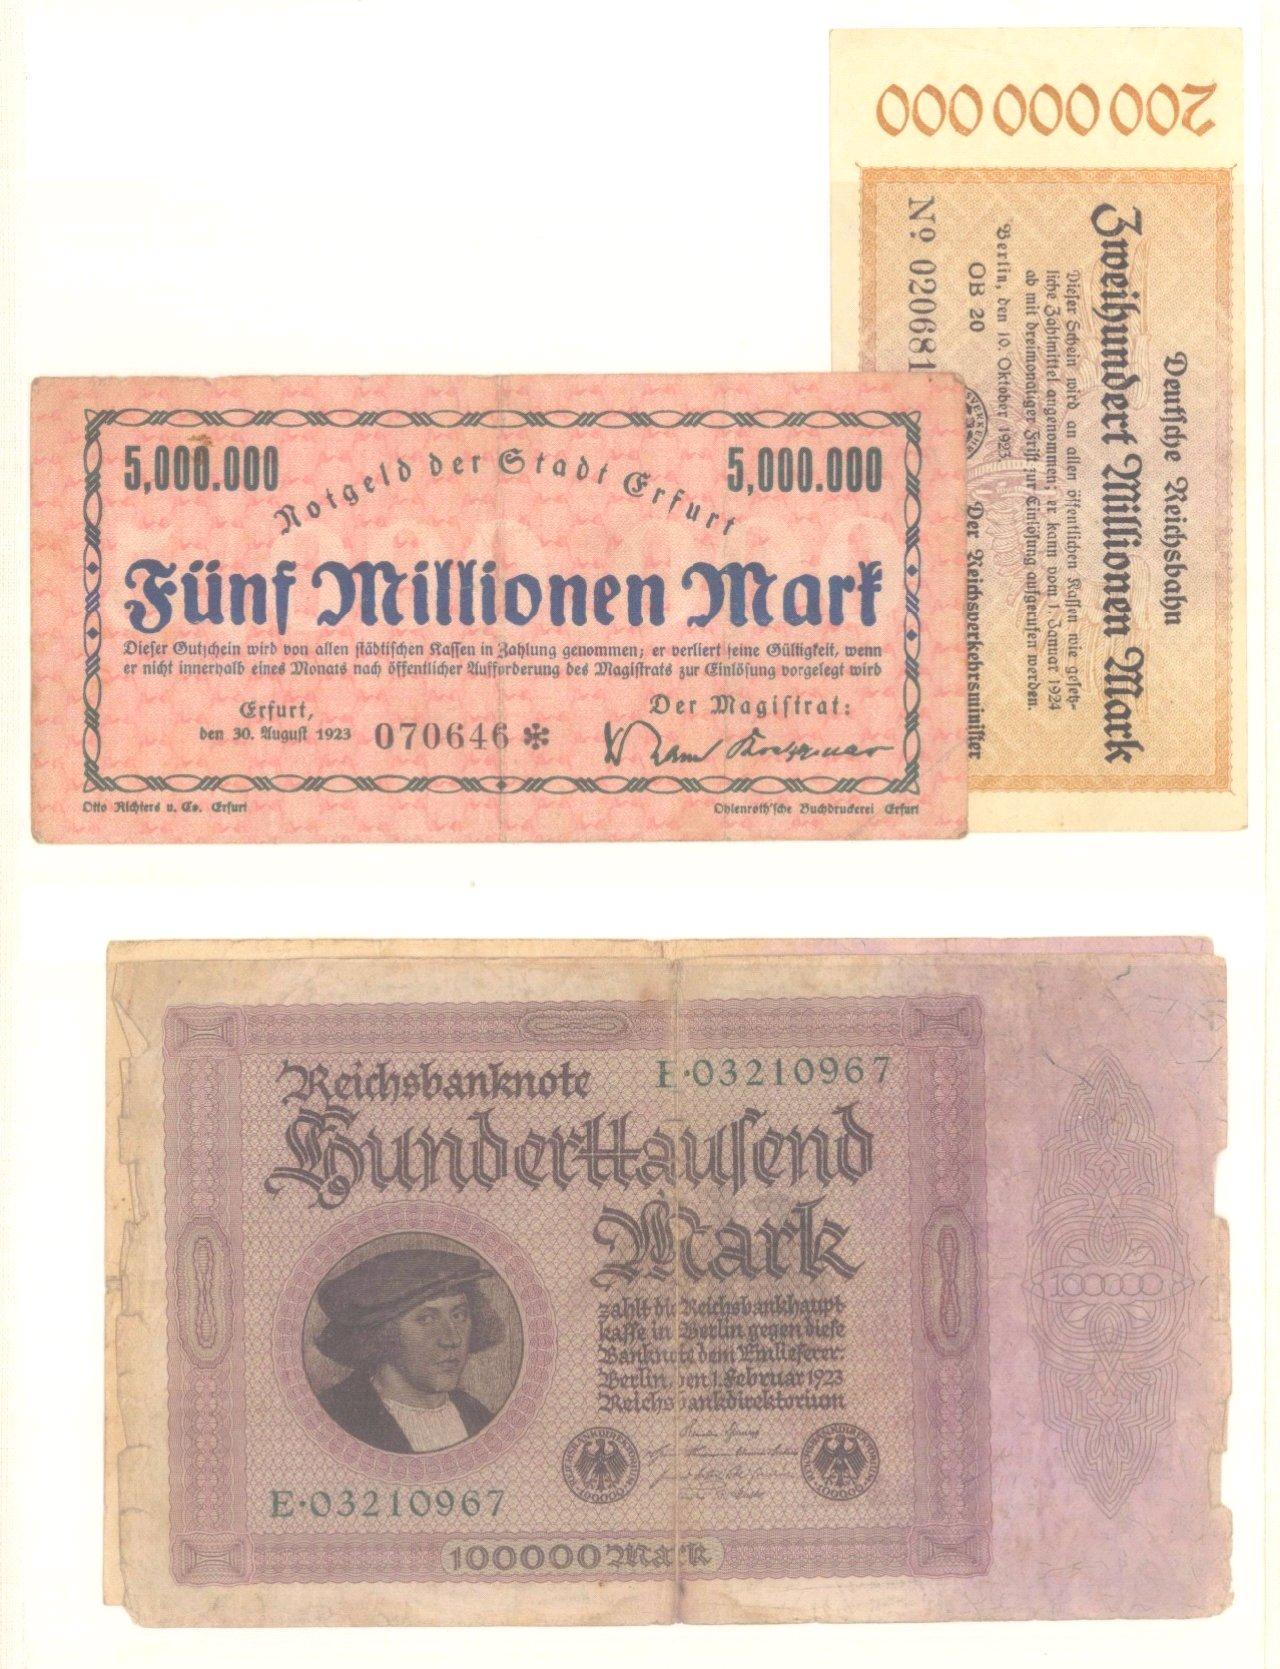 Banknoten, Notgeld, Belege-2